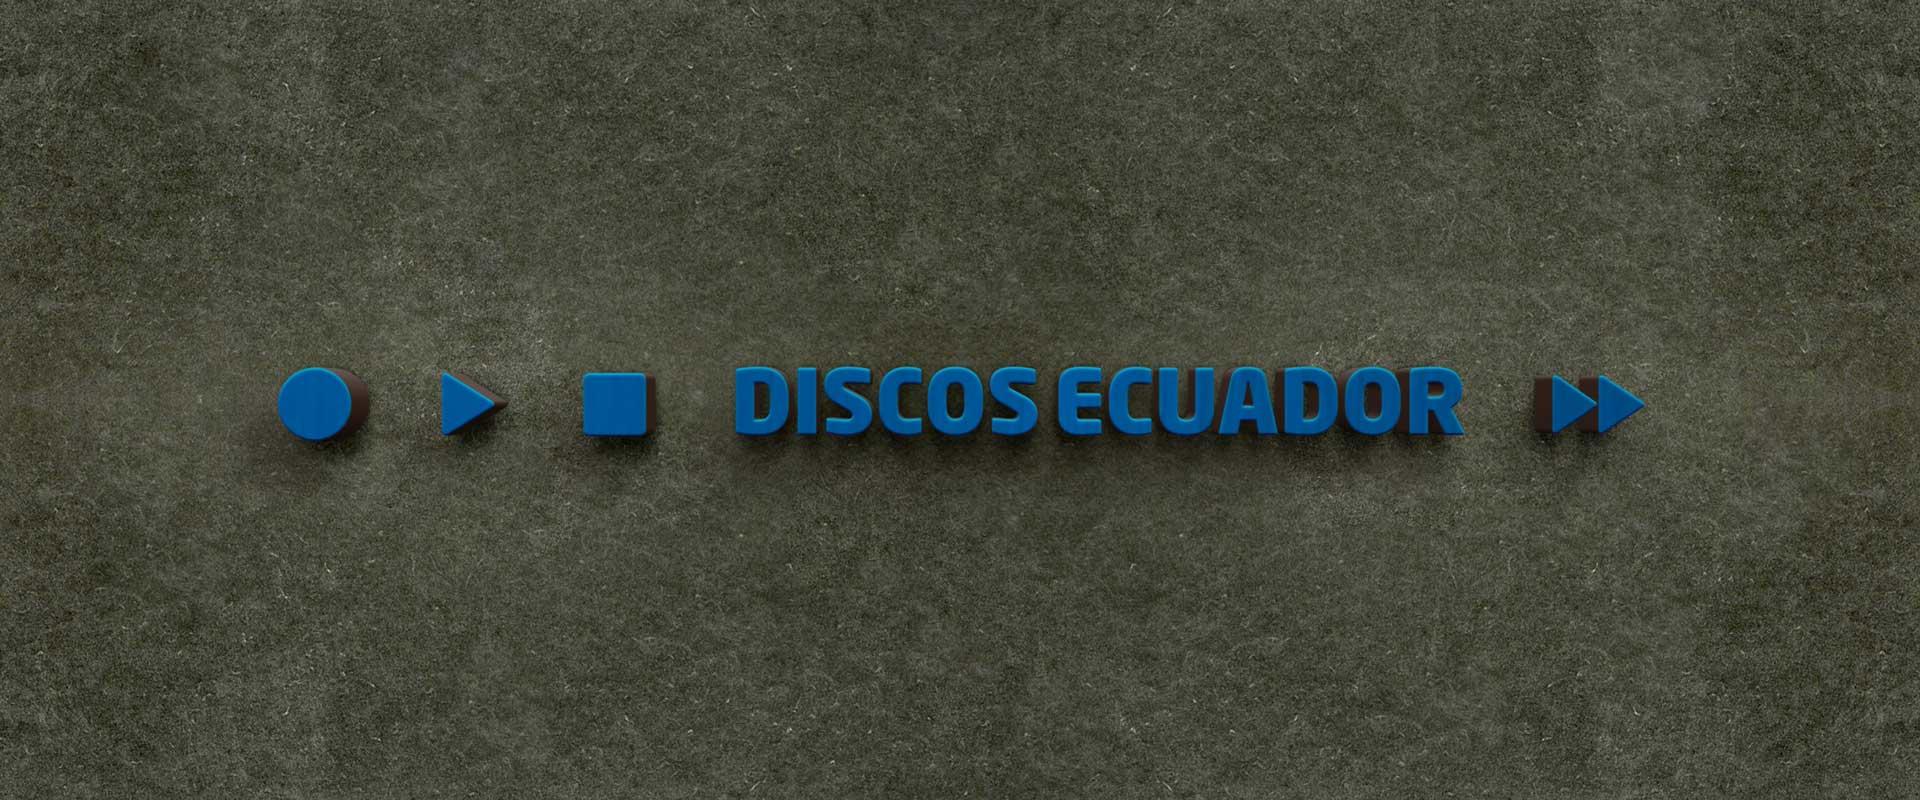 logo-3D_discosecuador01.jpg